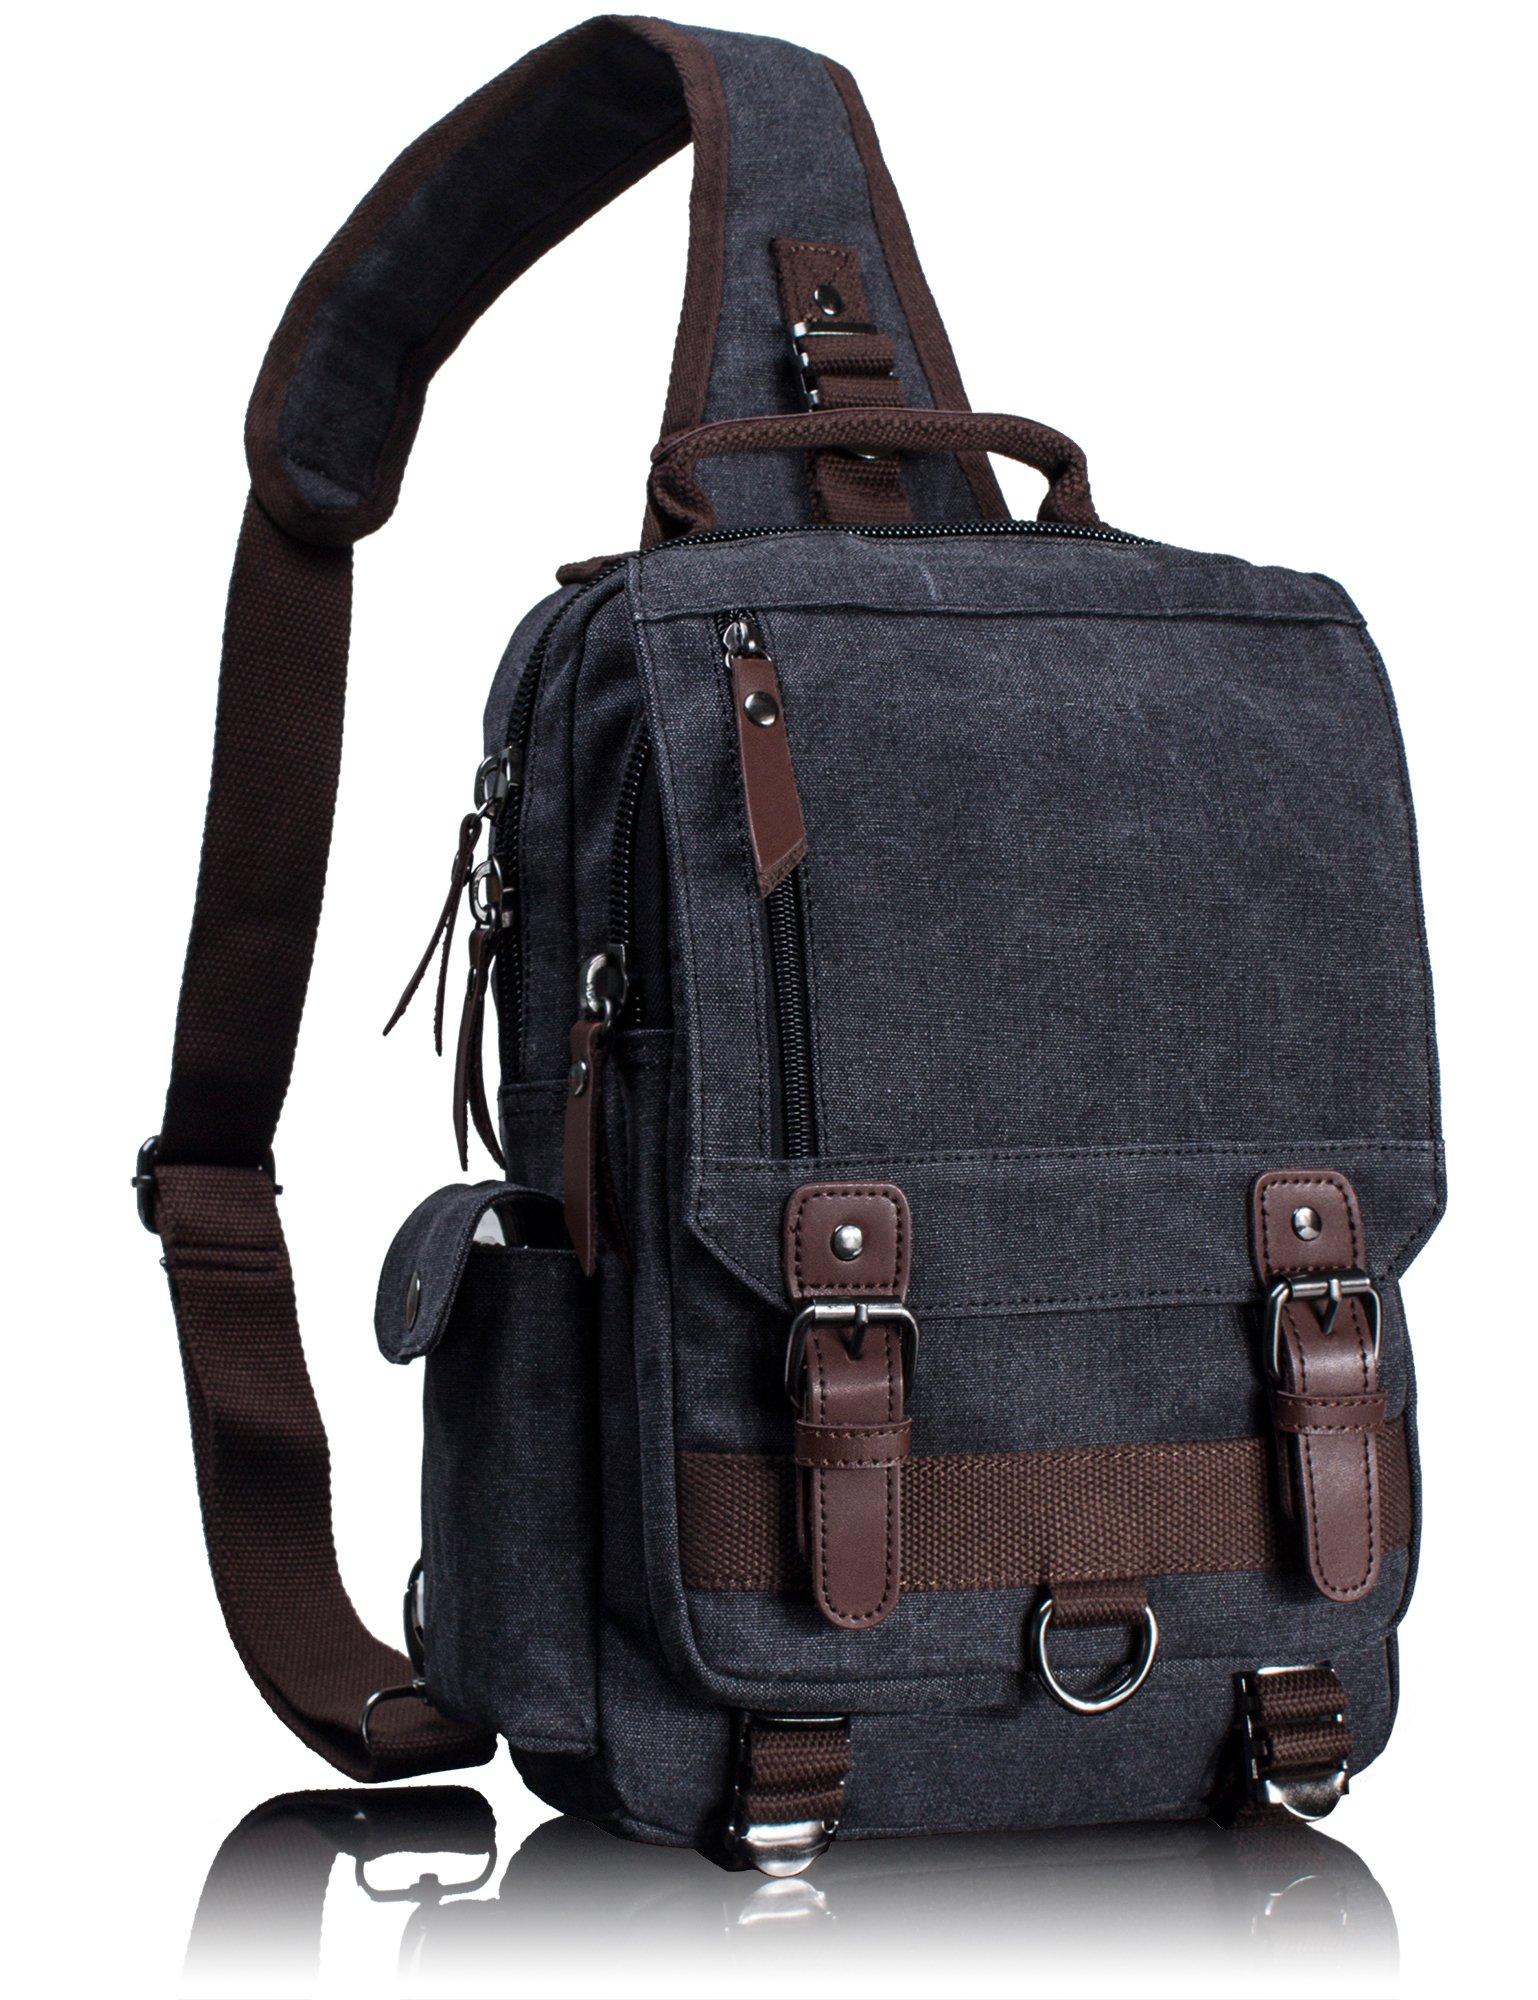 Leaper Canvas Message Sling Bag Outdoor Cross Body Bag Messenger Shoulder Bag (Medium,Black)